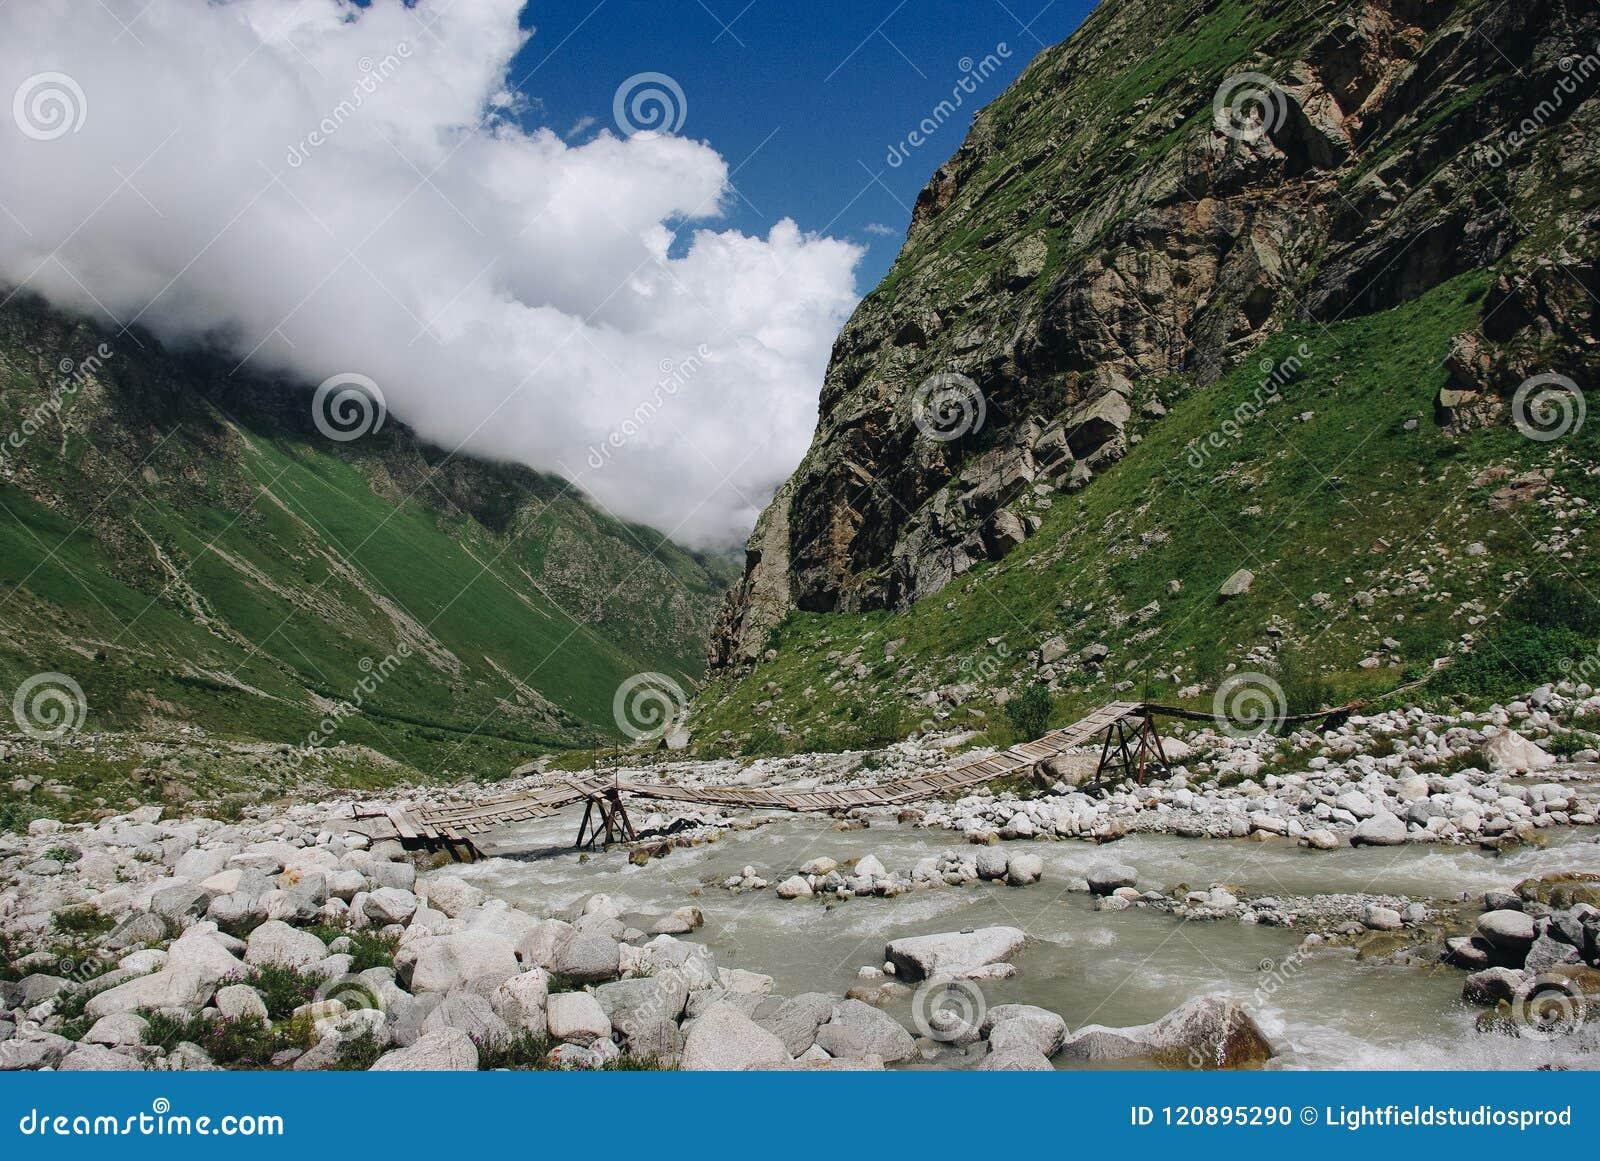 Rivière de pont en bois et de montagne, Fédération de Russie, Caucase,